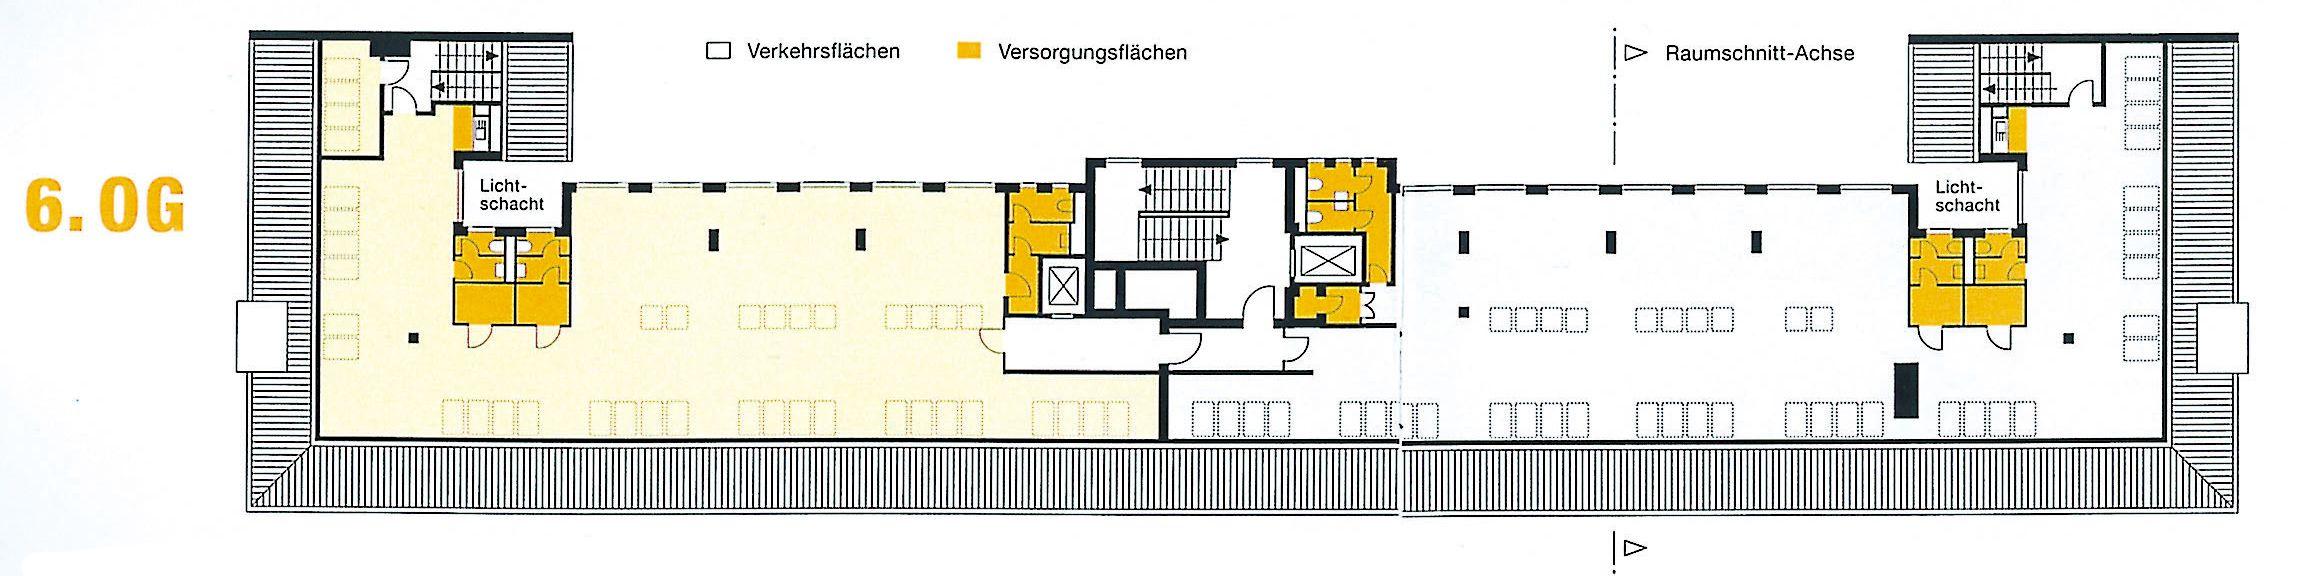 Historische Substanz - modernes Bürogebäude. Die Ausstattungsqualität, die im Haus verwirklicht ist, entspricht den Anforderungen an moderne Büroflächen. Der eindrucksvolle Bürobereich vom 1. bis 5. OG ist der Architektur der 30er Jahre verpflichtet (Baujahr 1937, Modernisierung 1994/2000). Im Erdgeschoß stehen flexibel aufteilbare Ladenflächen mit großzügigen Schaufenstern zur Verfügung.